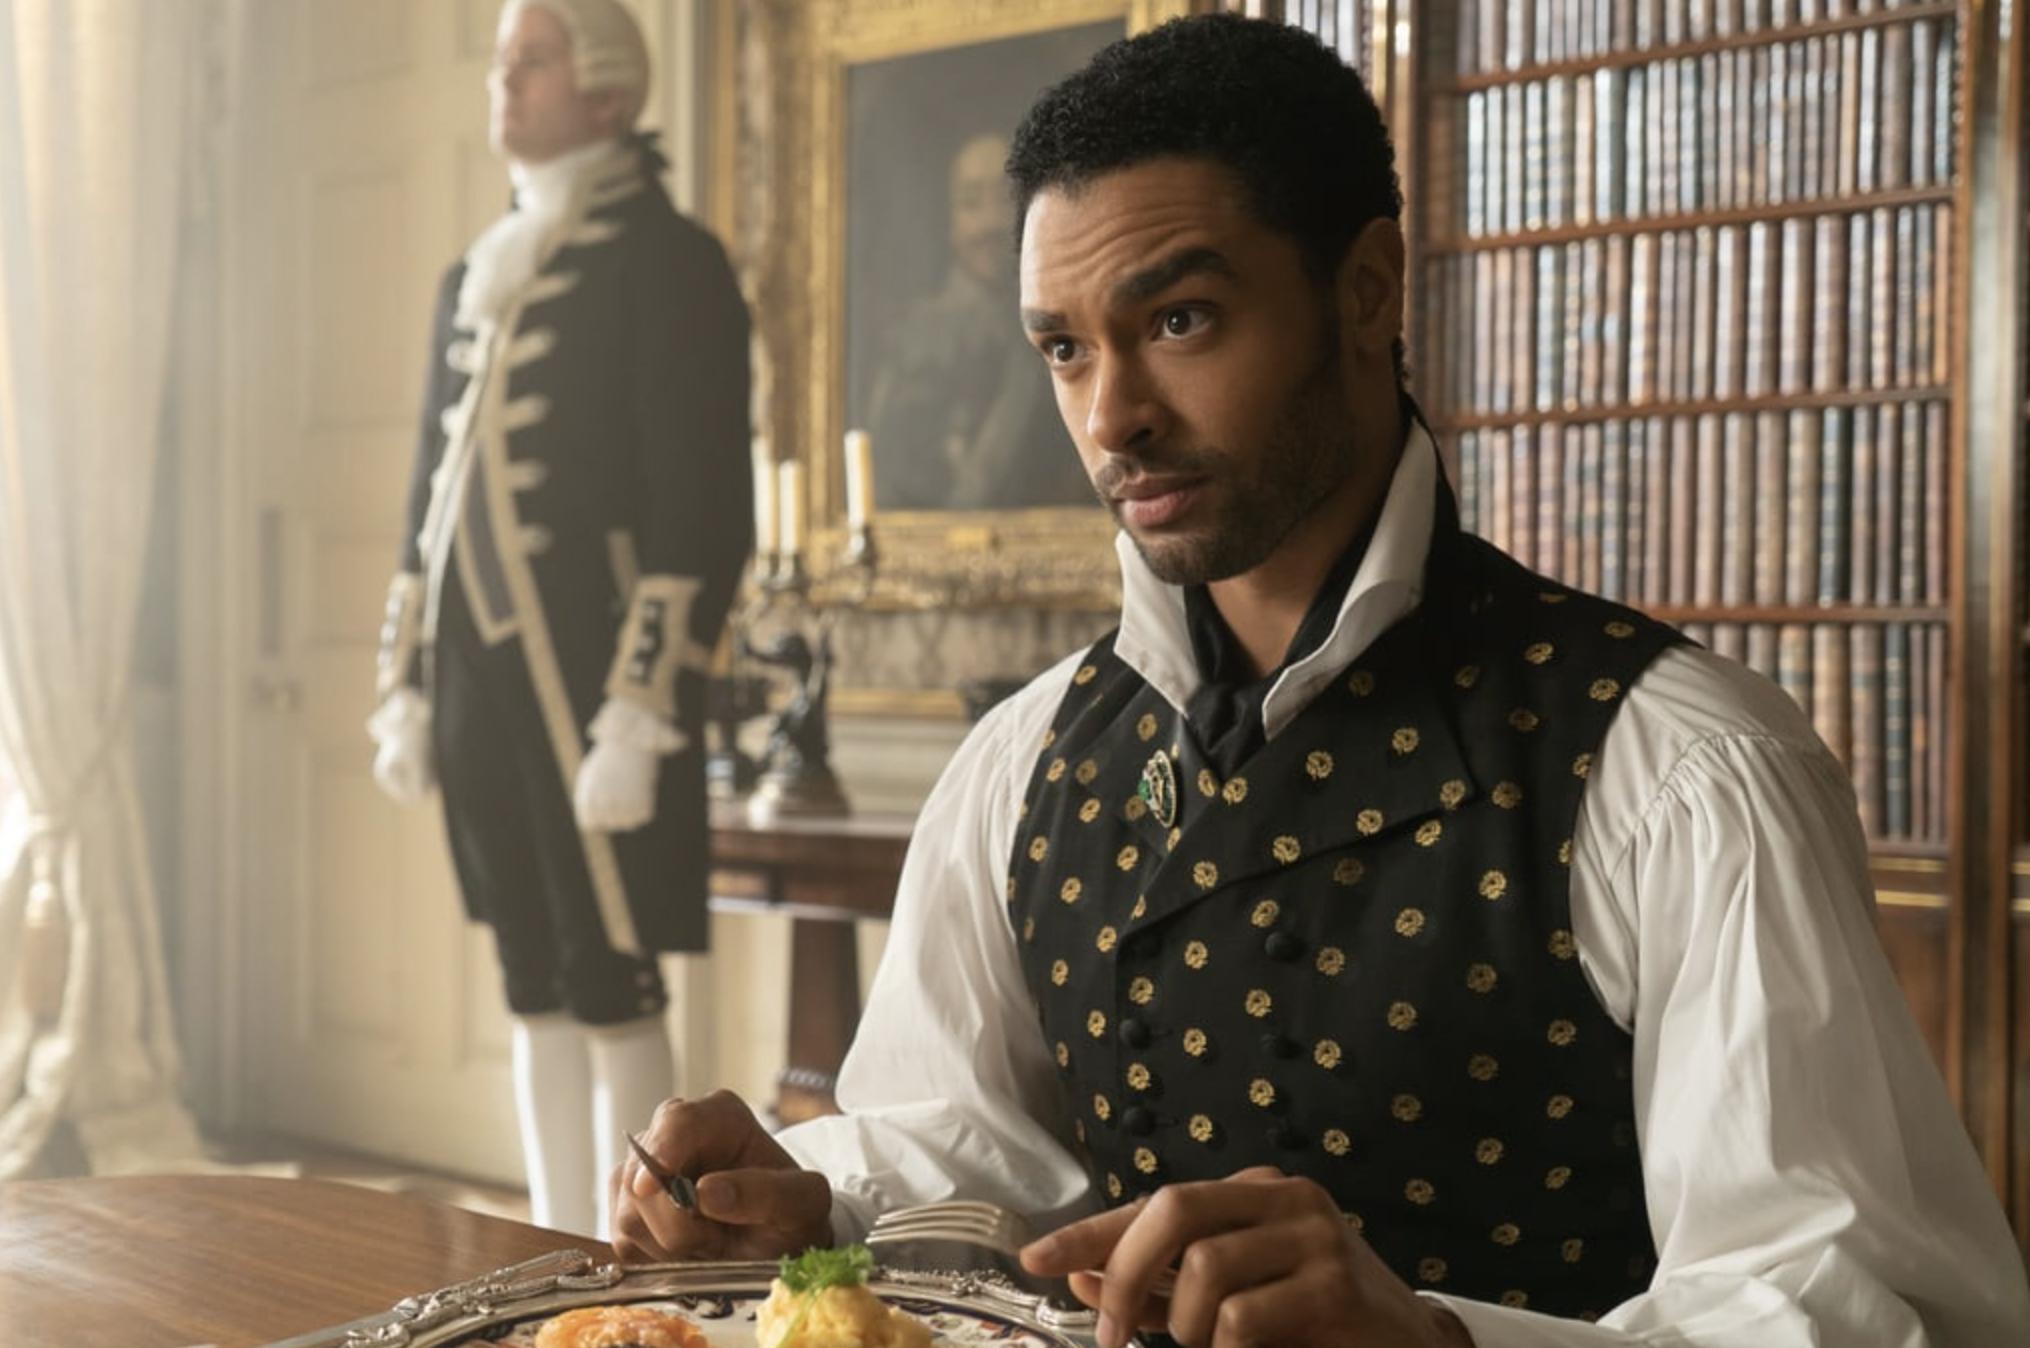 Regé-Jean Parege como Simon Basset na série Bridgerton, está em uma mesa, segurando os talheres diante da refeição e olhando para frente.